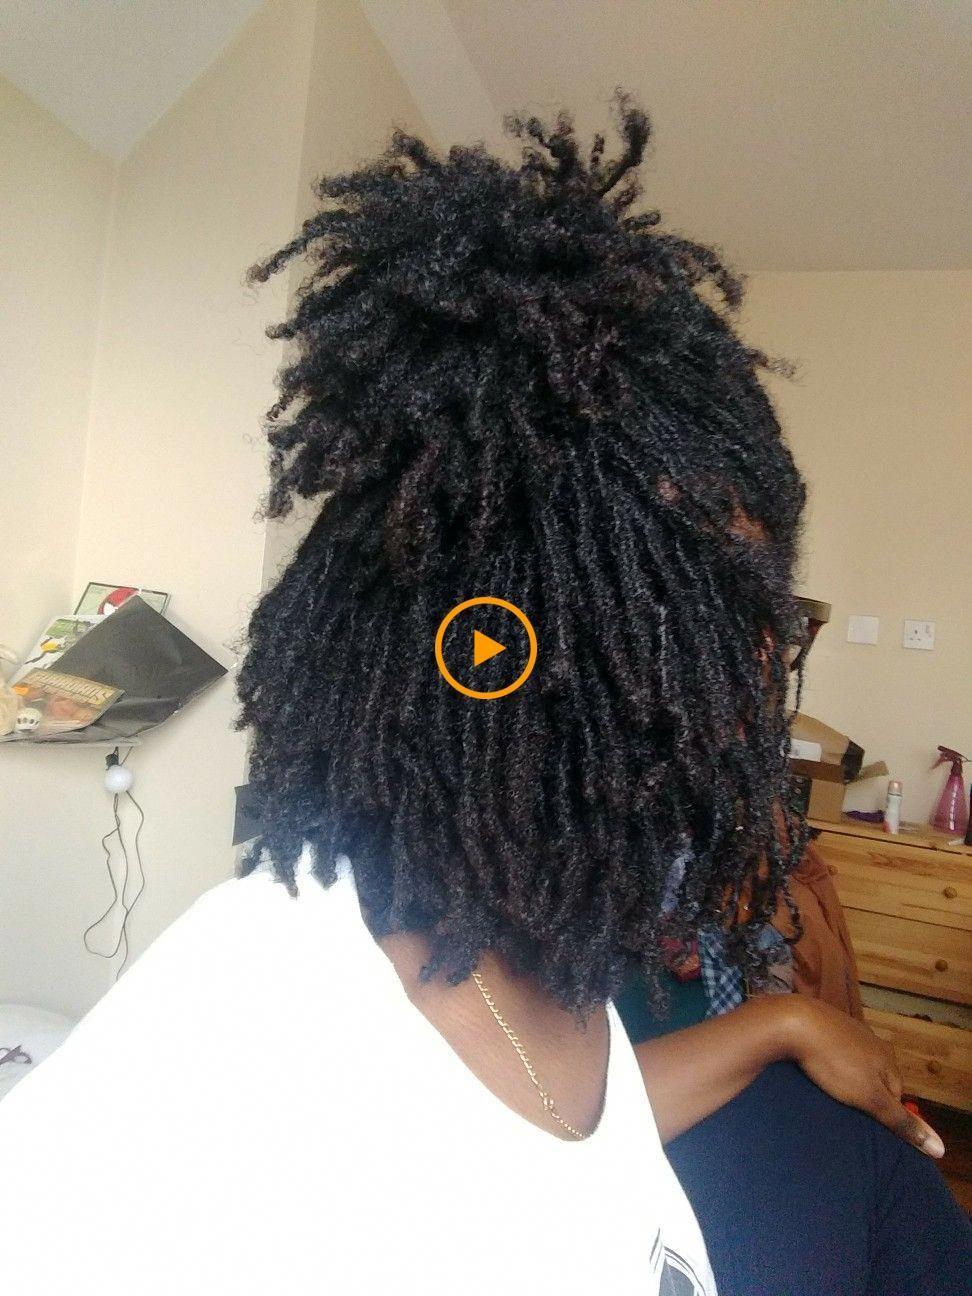 Park Art My WordPress Blog_Lice In Black Peoples Hair